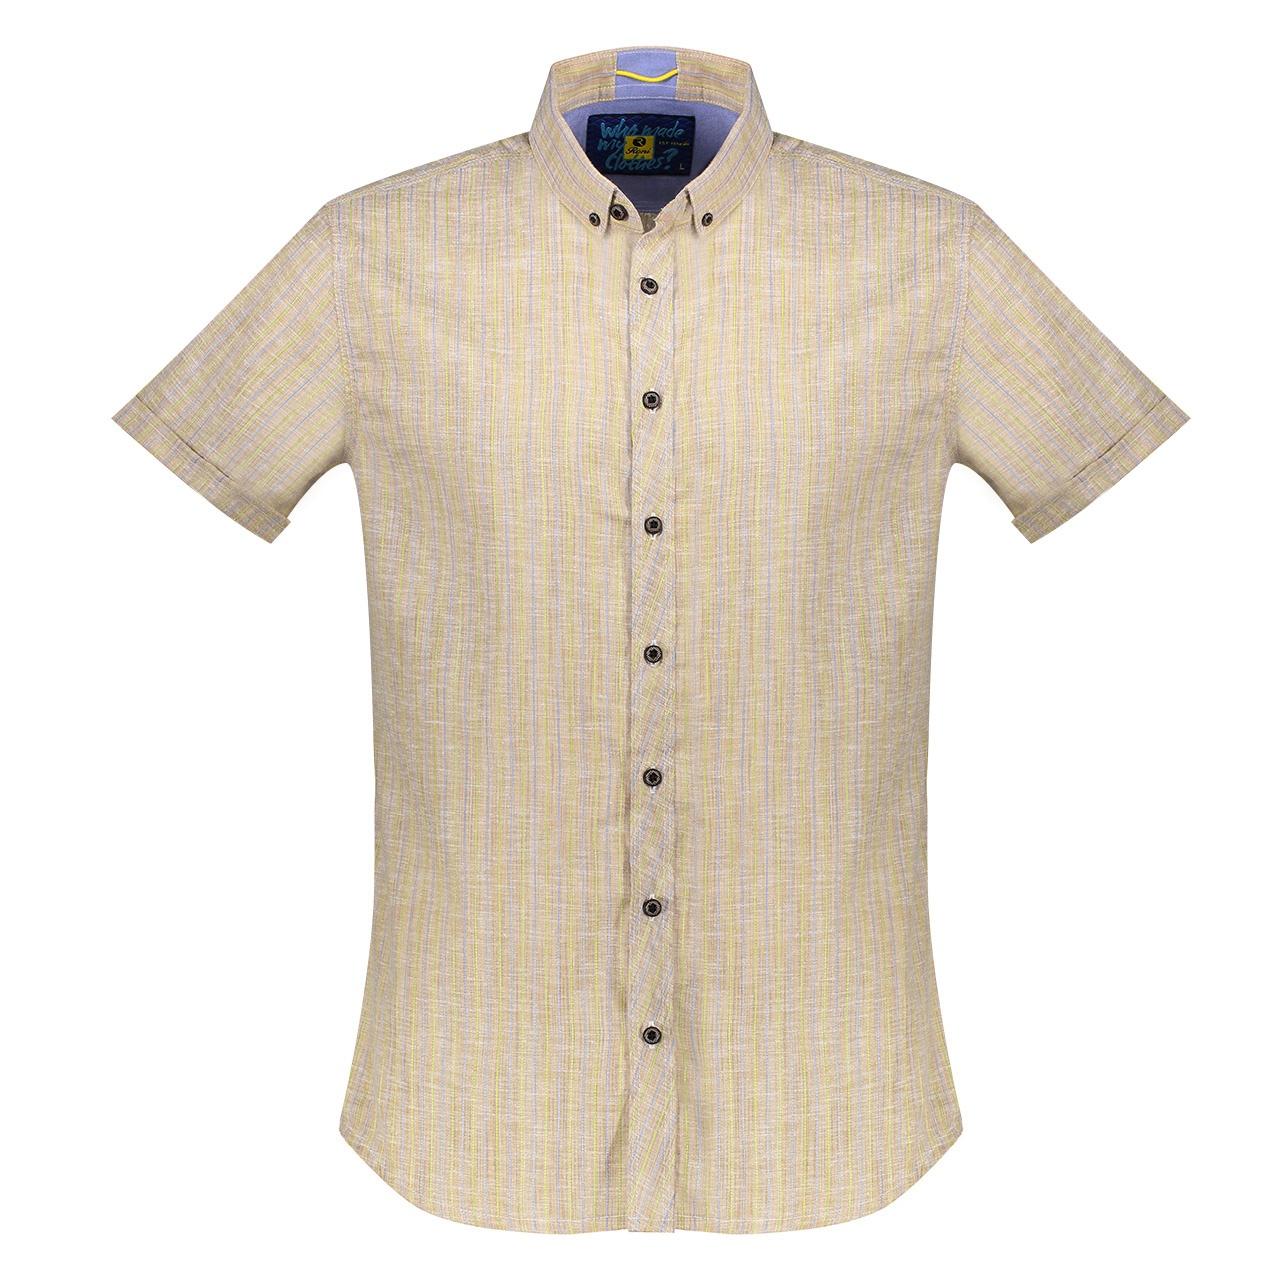 پیراهن مردانه رونی کد 1122006404